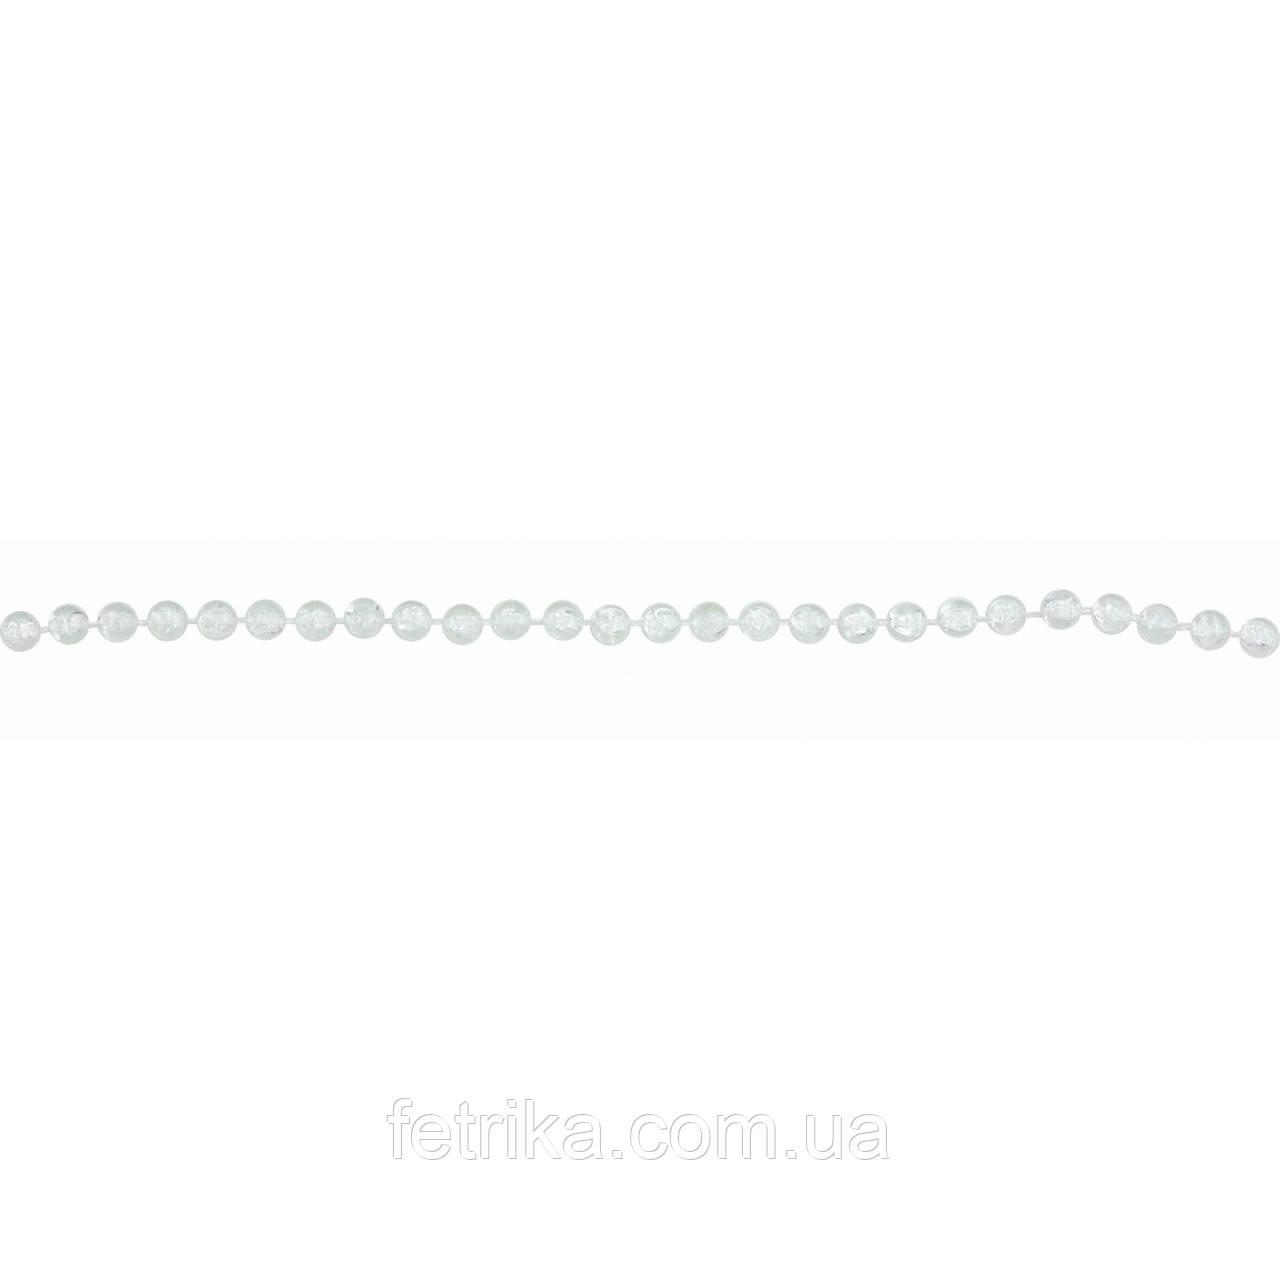 Новогодняя гирлянда, бусы новогодние 6 мм*3 м, кристалл